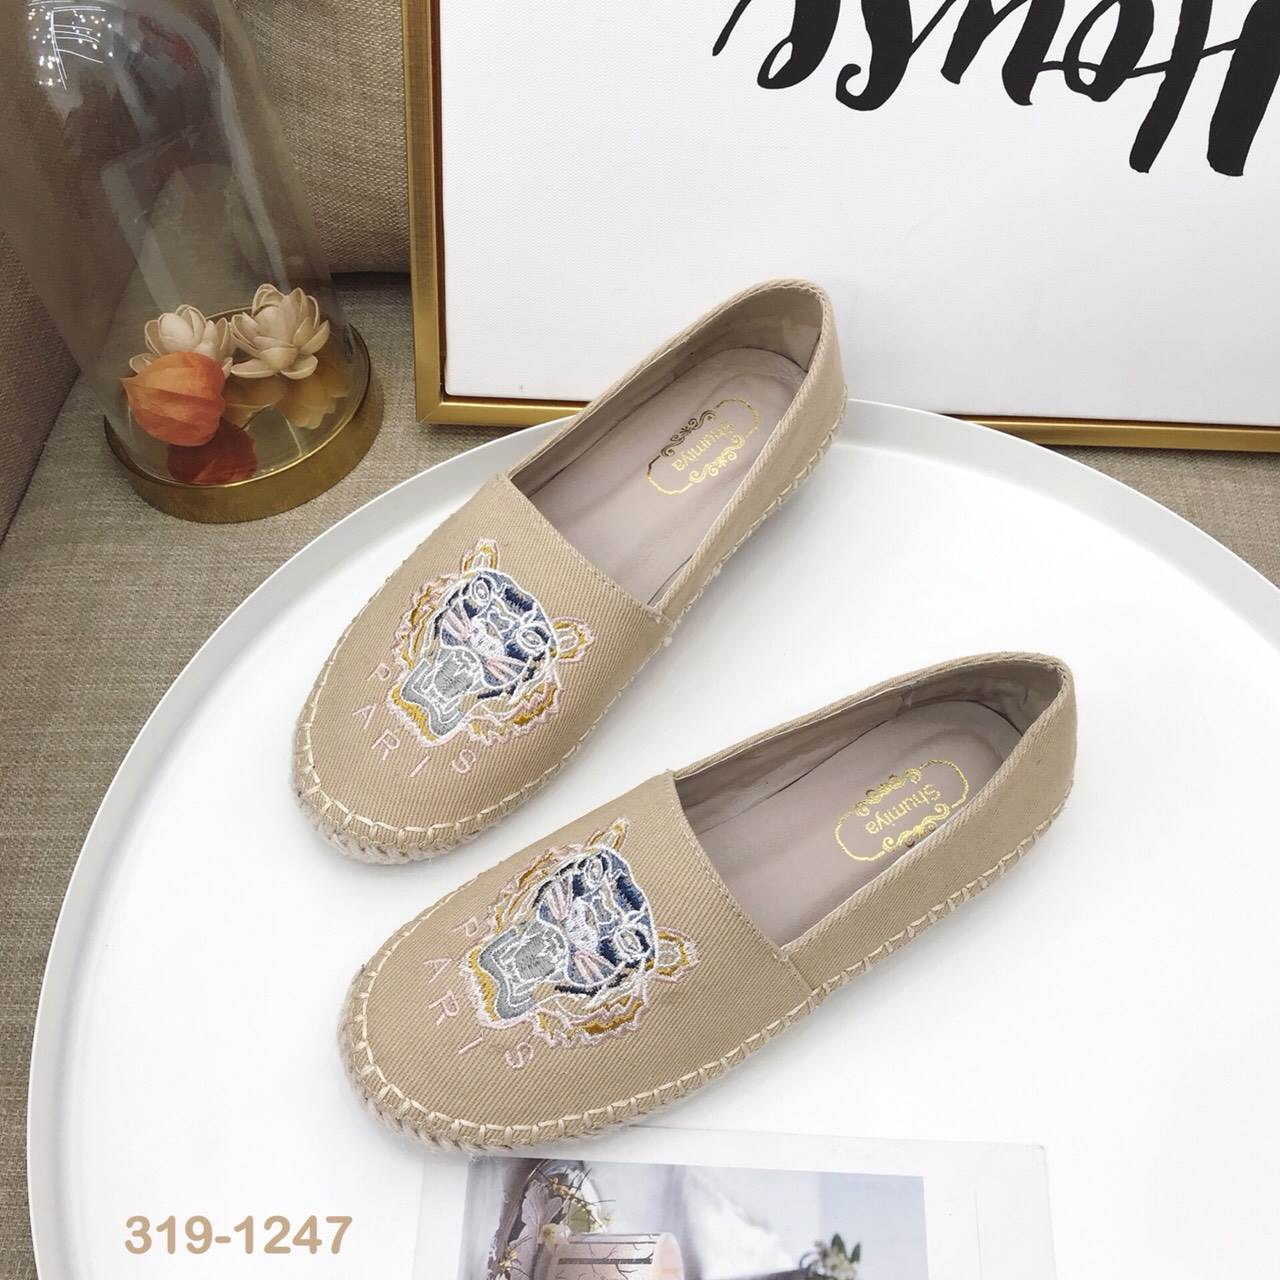 รองเท้าคัทชู ทรง slip on แต่งลายเสือสไตล์เคนโซ่ หนังนิ่ม พื้นนิ่ม งานสวย ใส่สบาย แมทสวยได้ทุกชุด (319-1247)